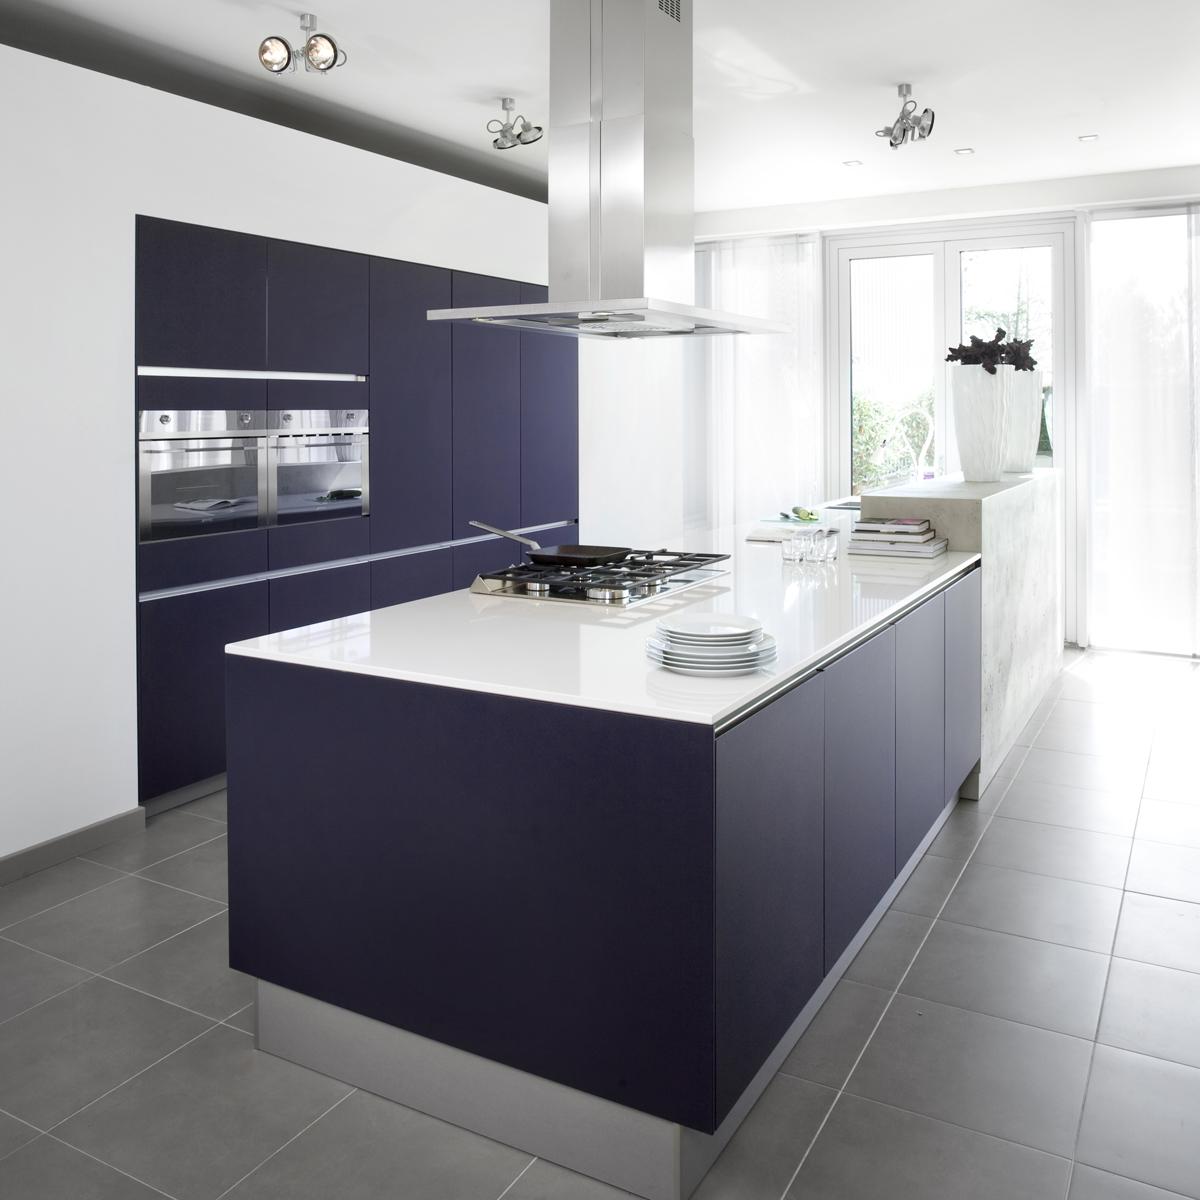 Fabulous De mooiste kleurcombinaties voor uw keuken &DI23